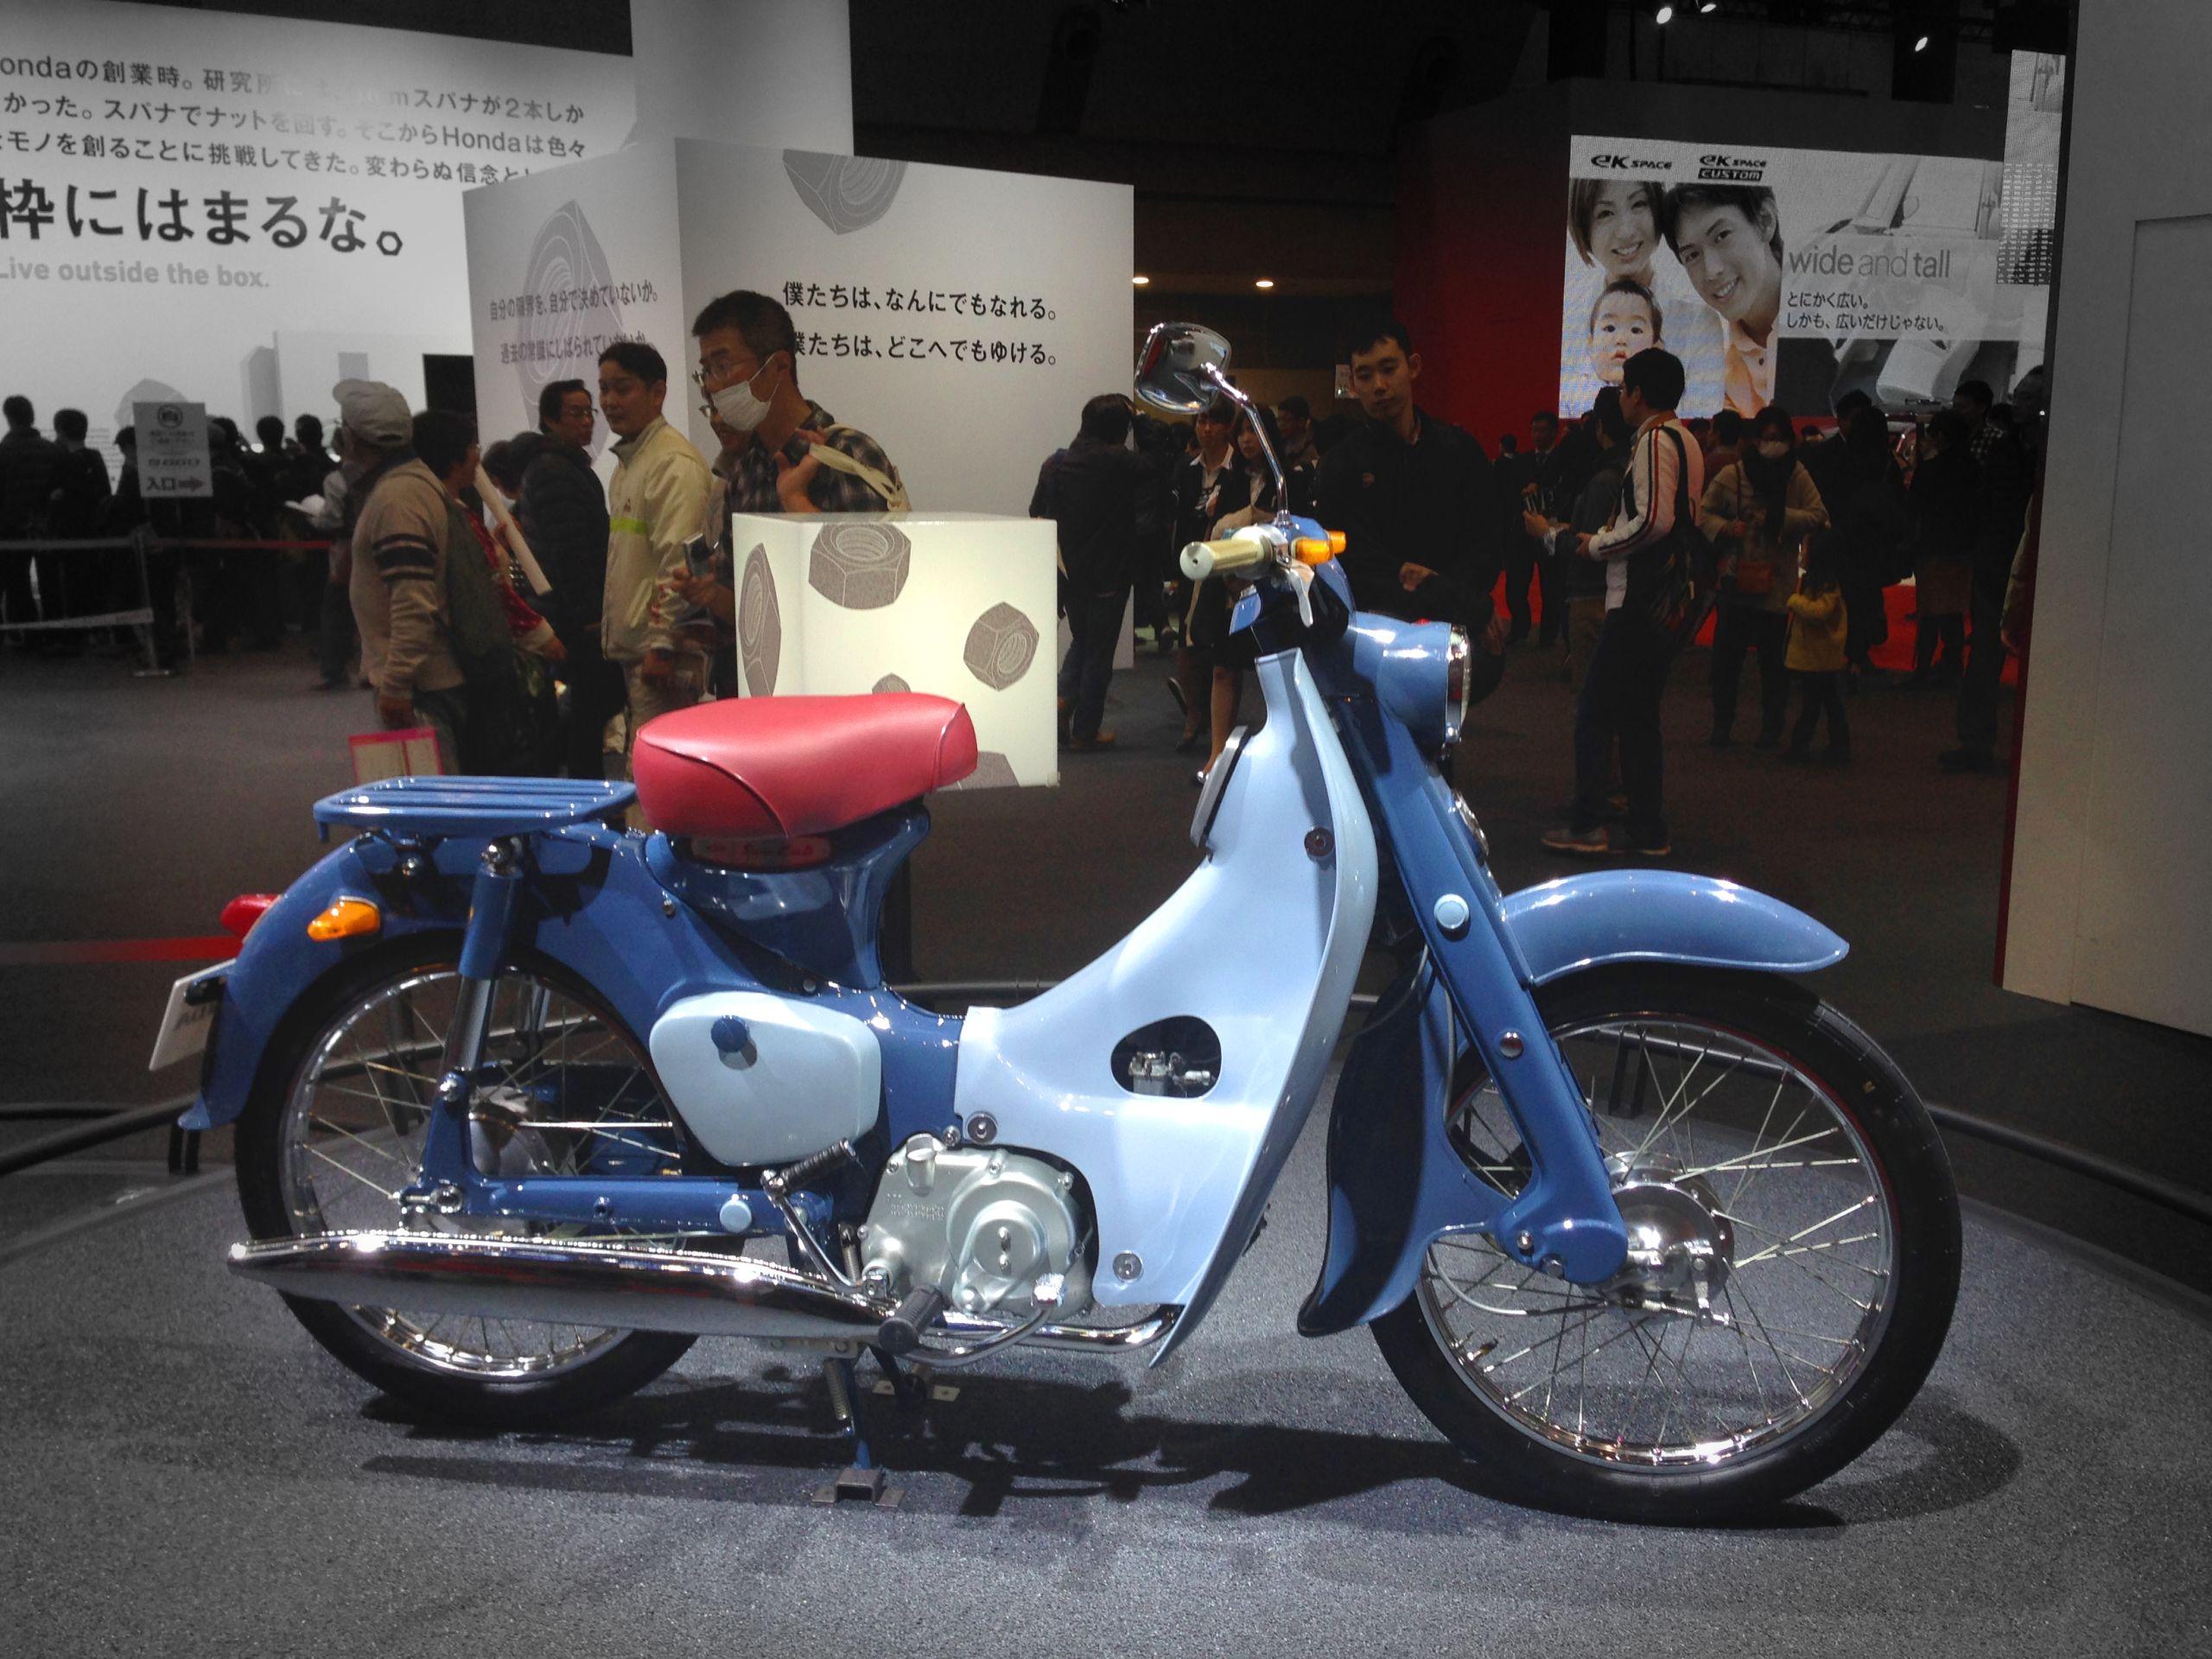 Kelebihan Kekurangan Honda Cup 125 Top Model Tahun Ini